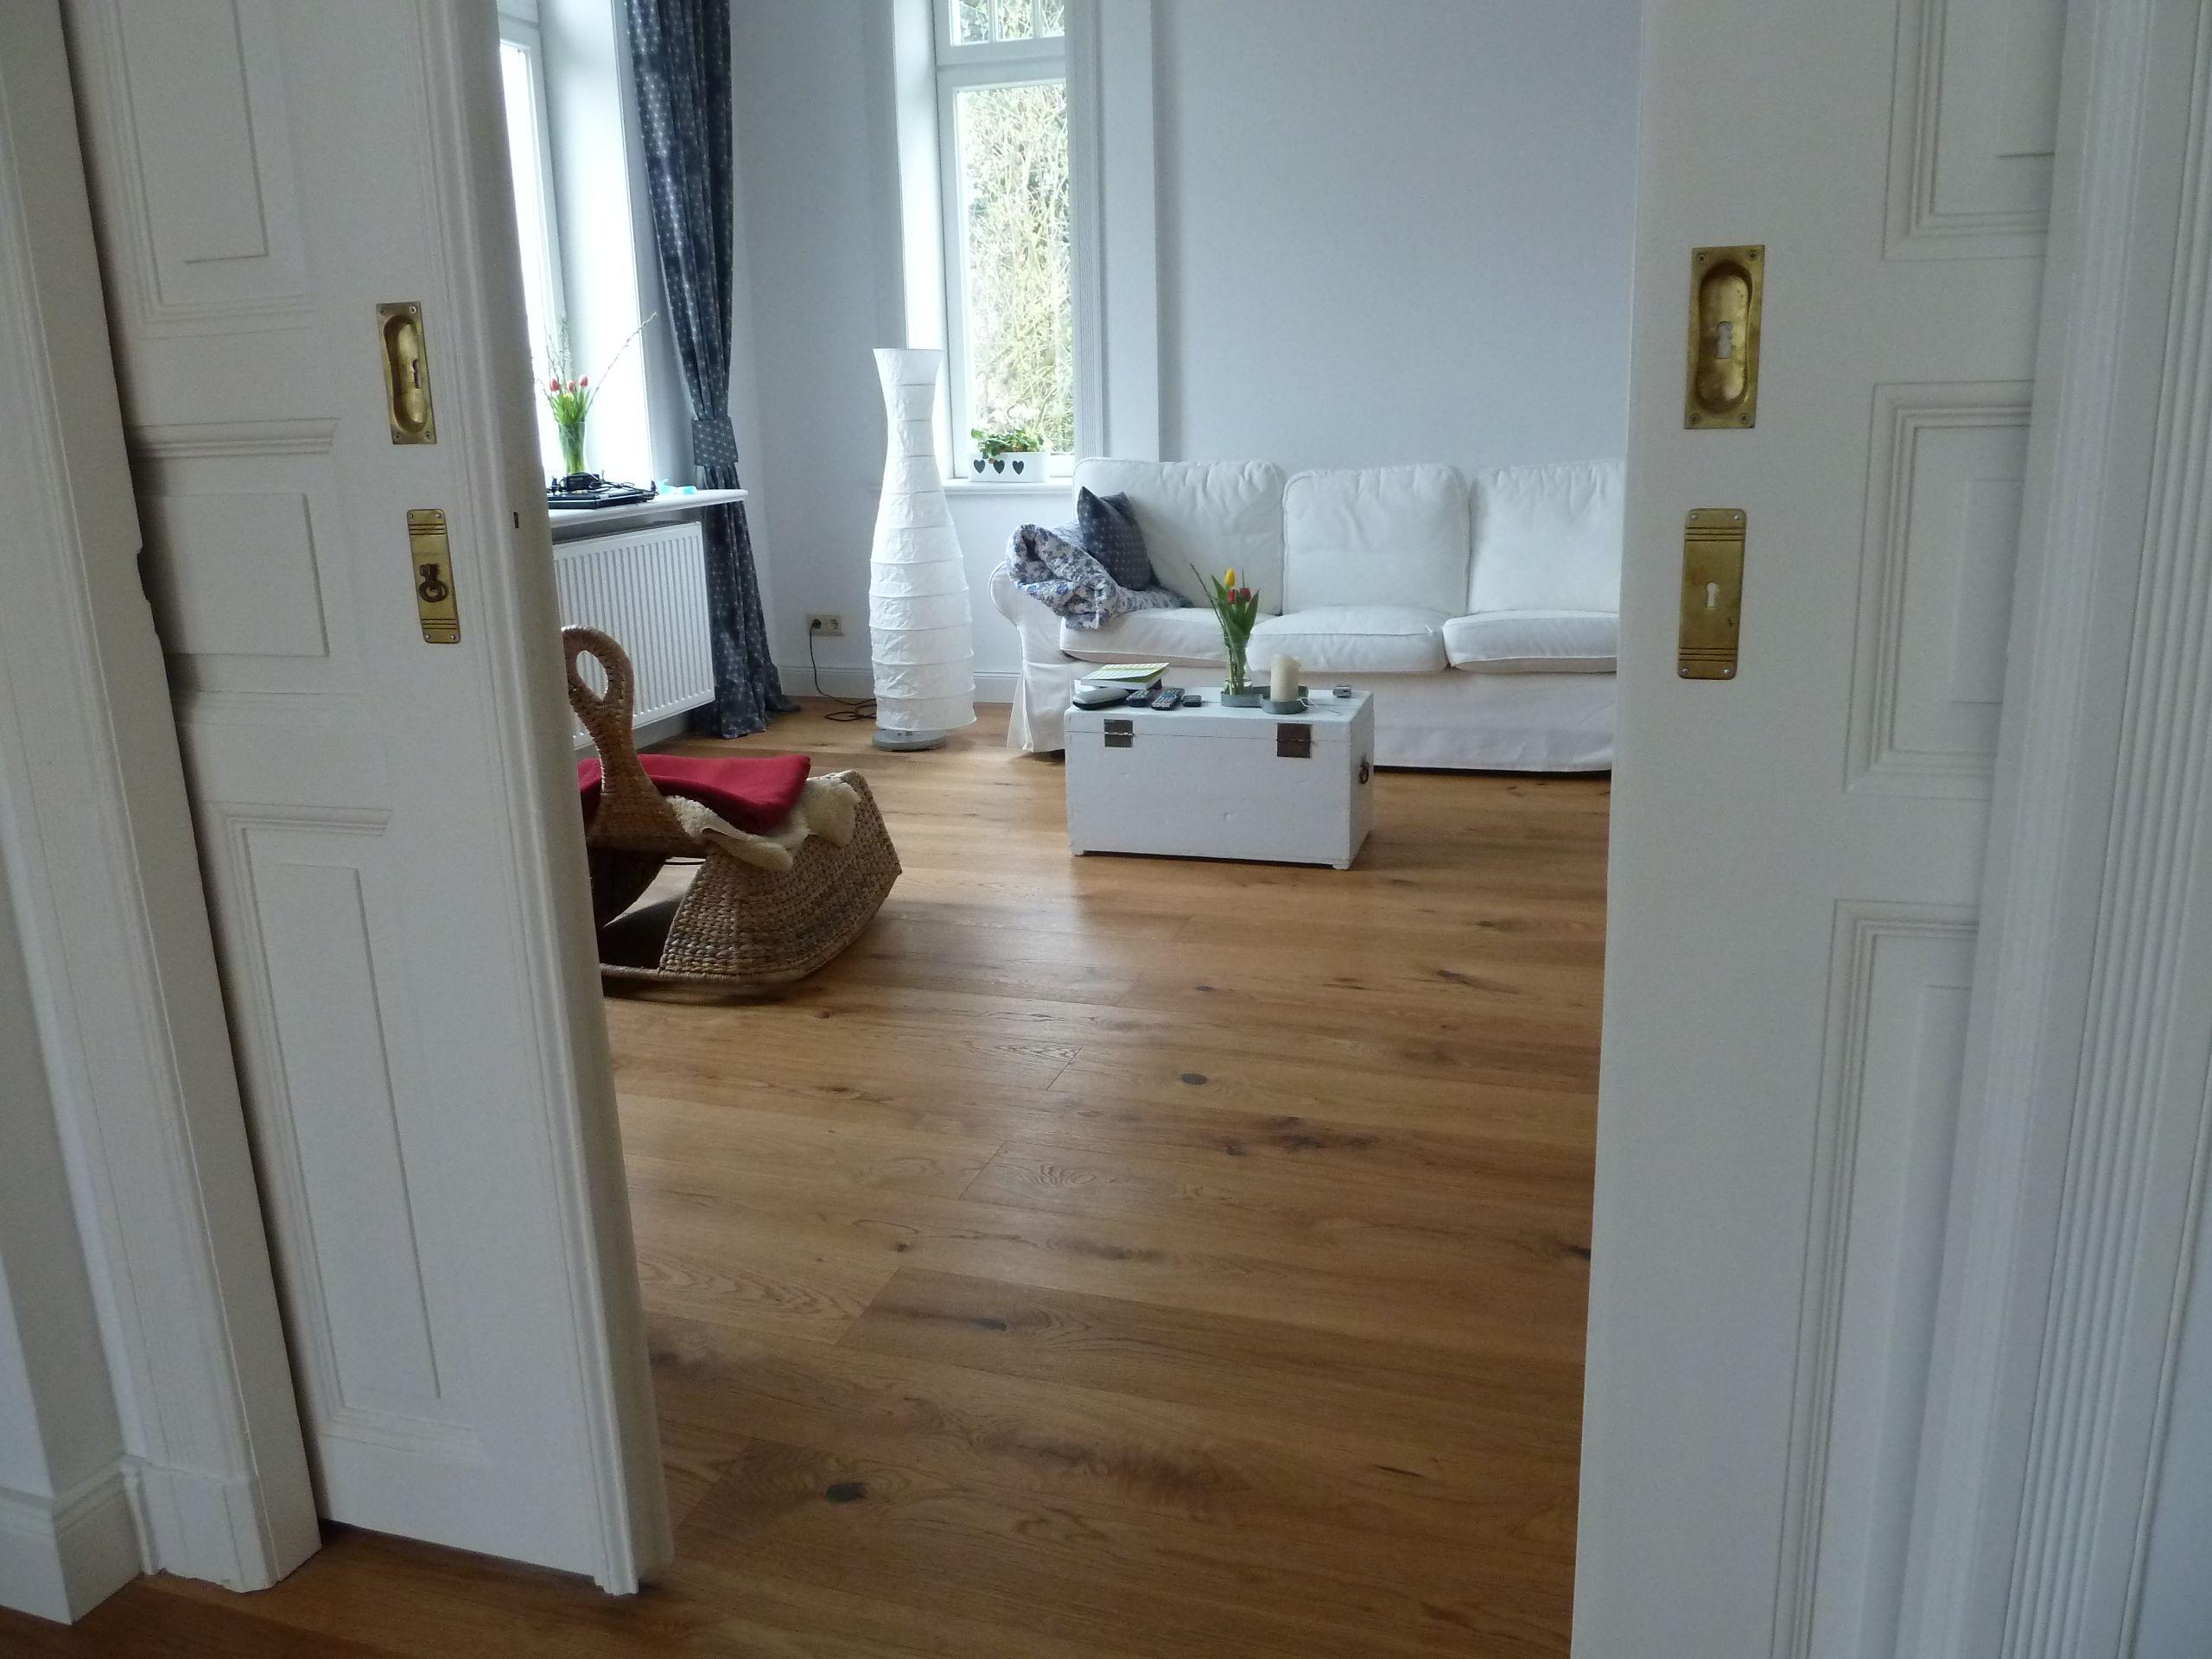 Wohnzimmer Wohnen Schiebetur Zuhause